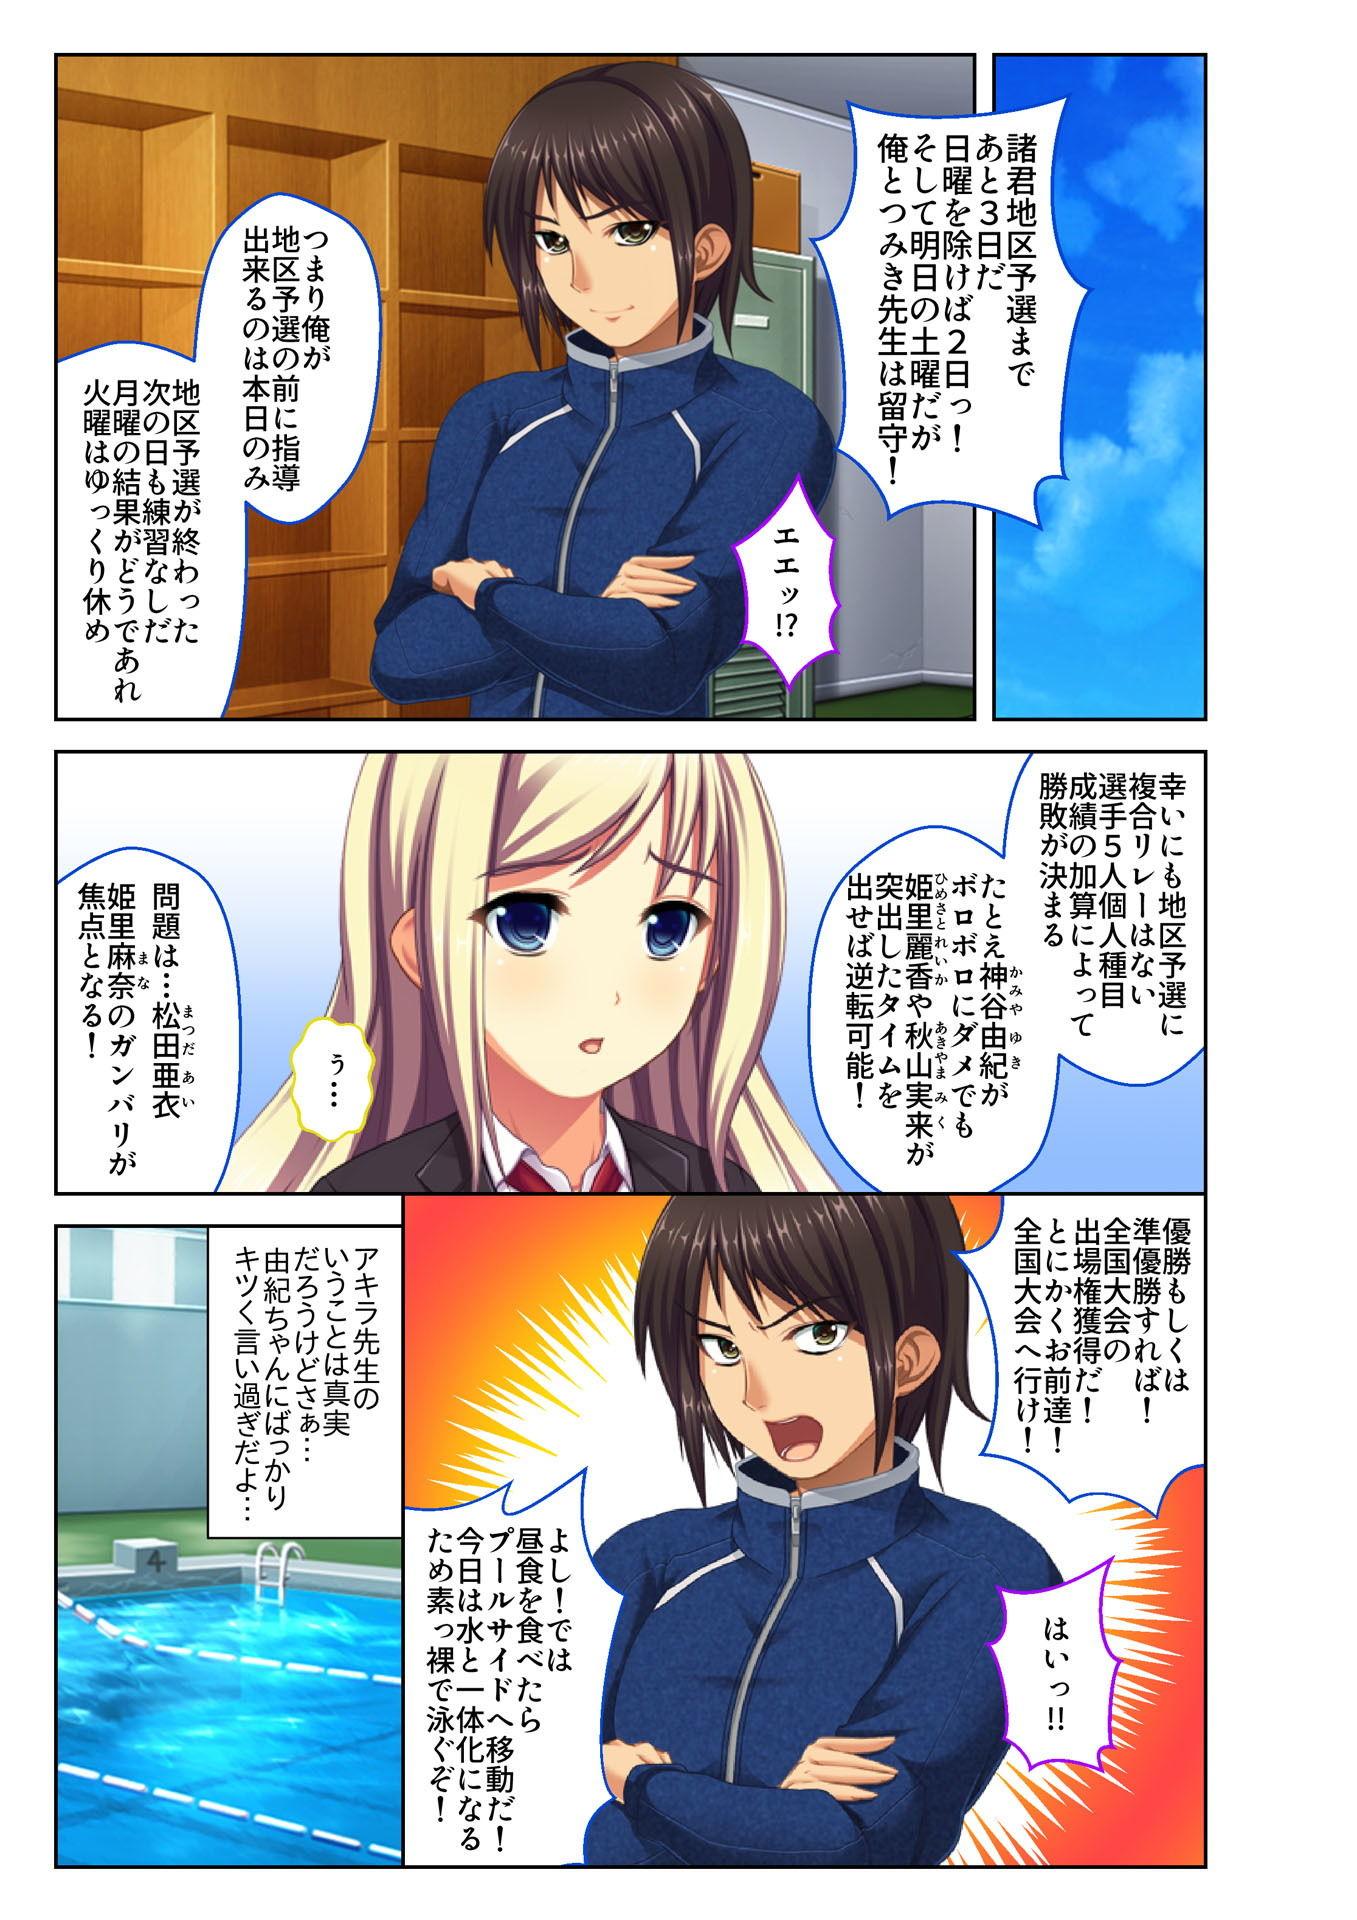 【どろっぷす! 同人】【フルカラー】ご褒美えっち!~水着をズラして好きなだけ~(3)